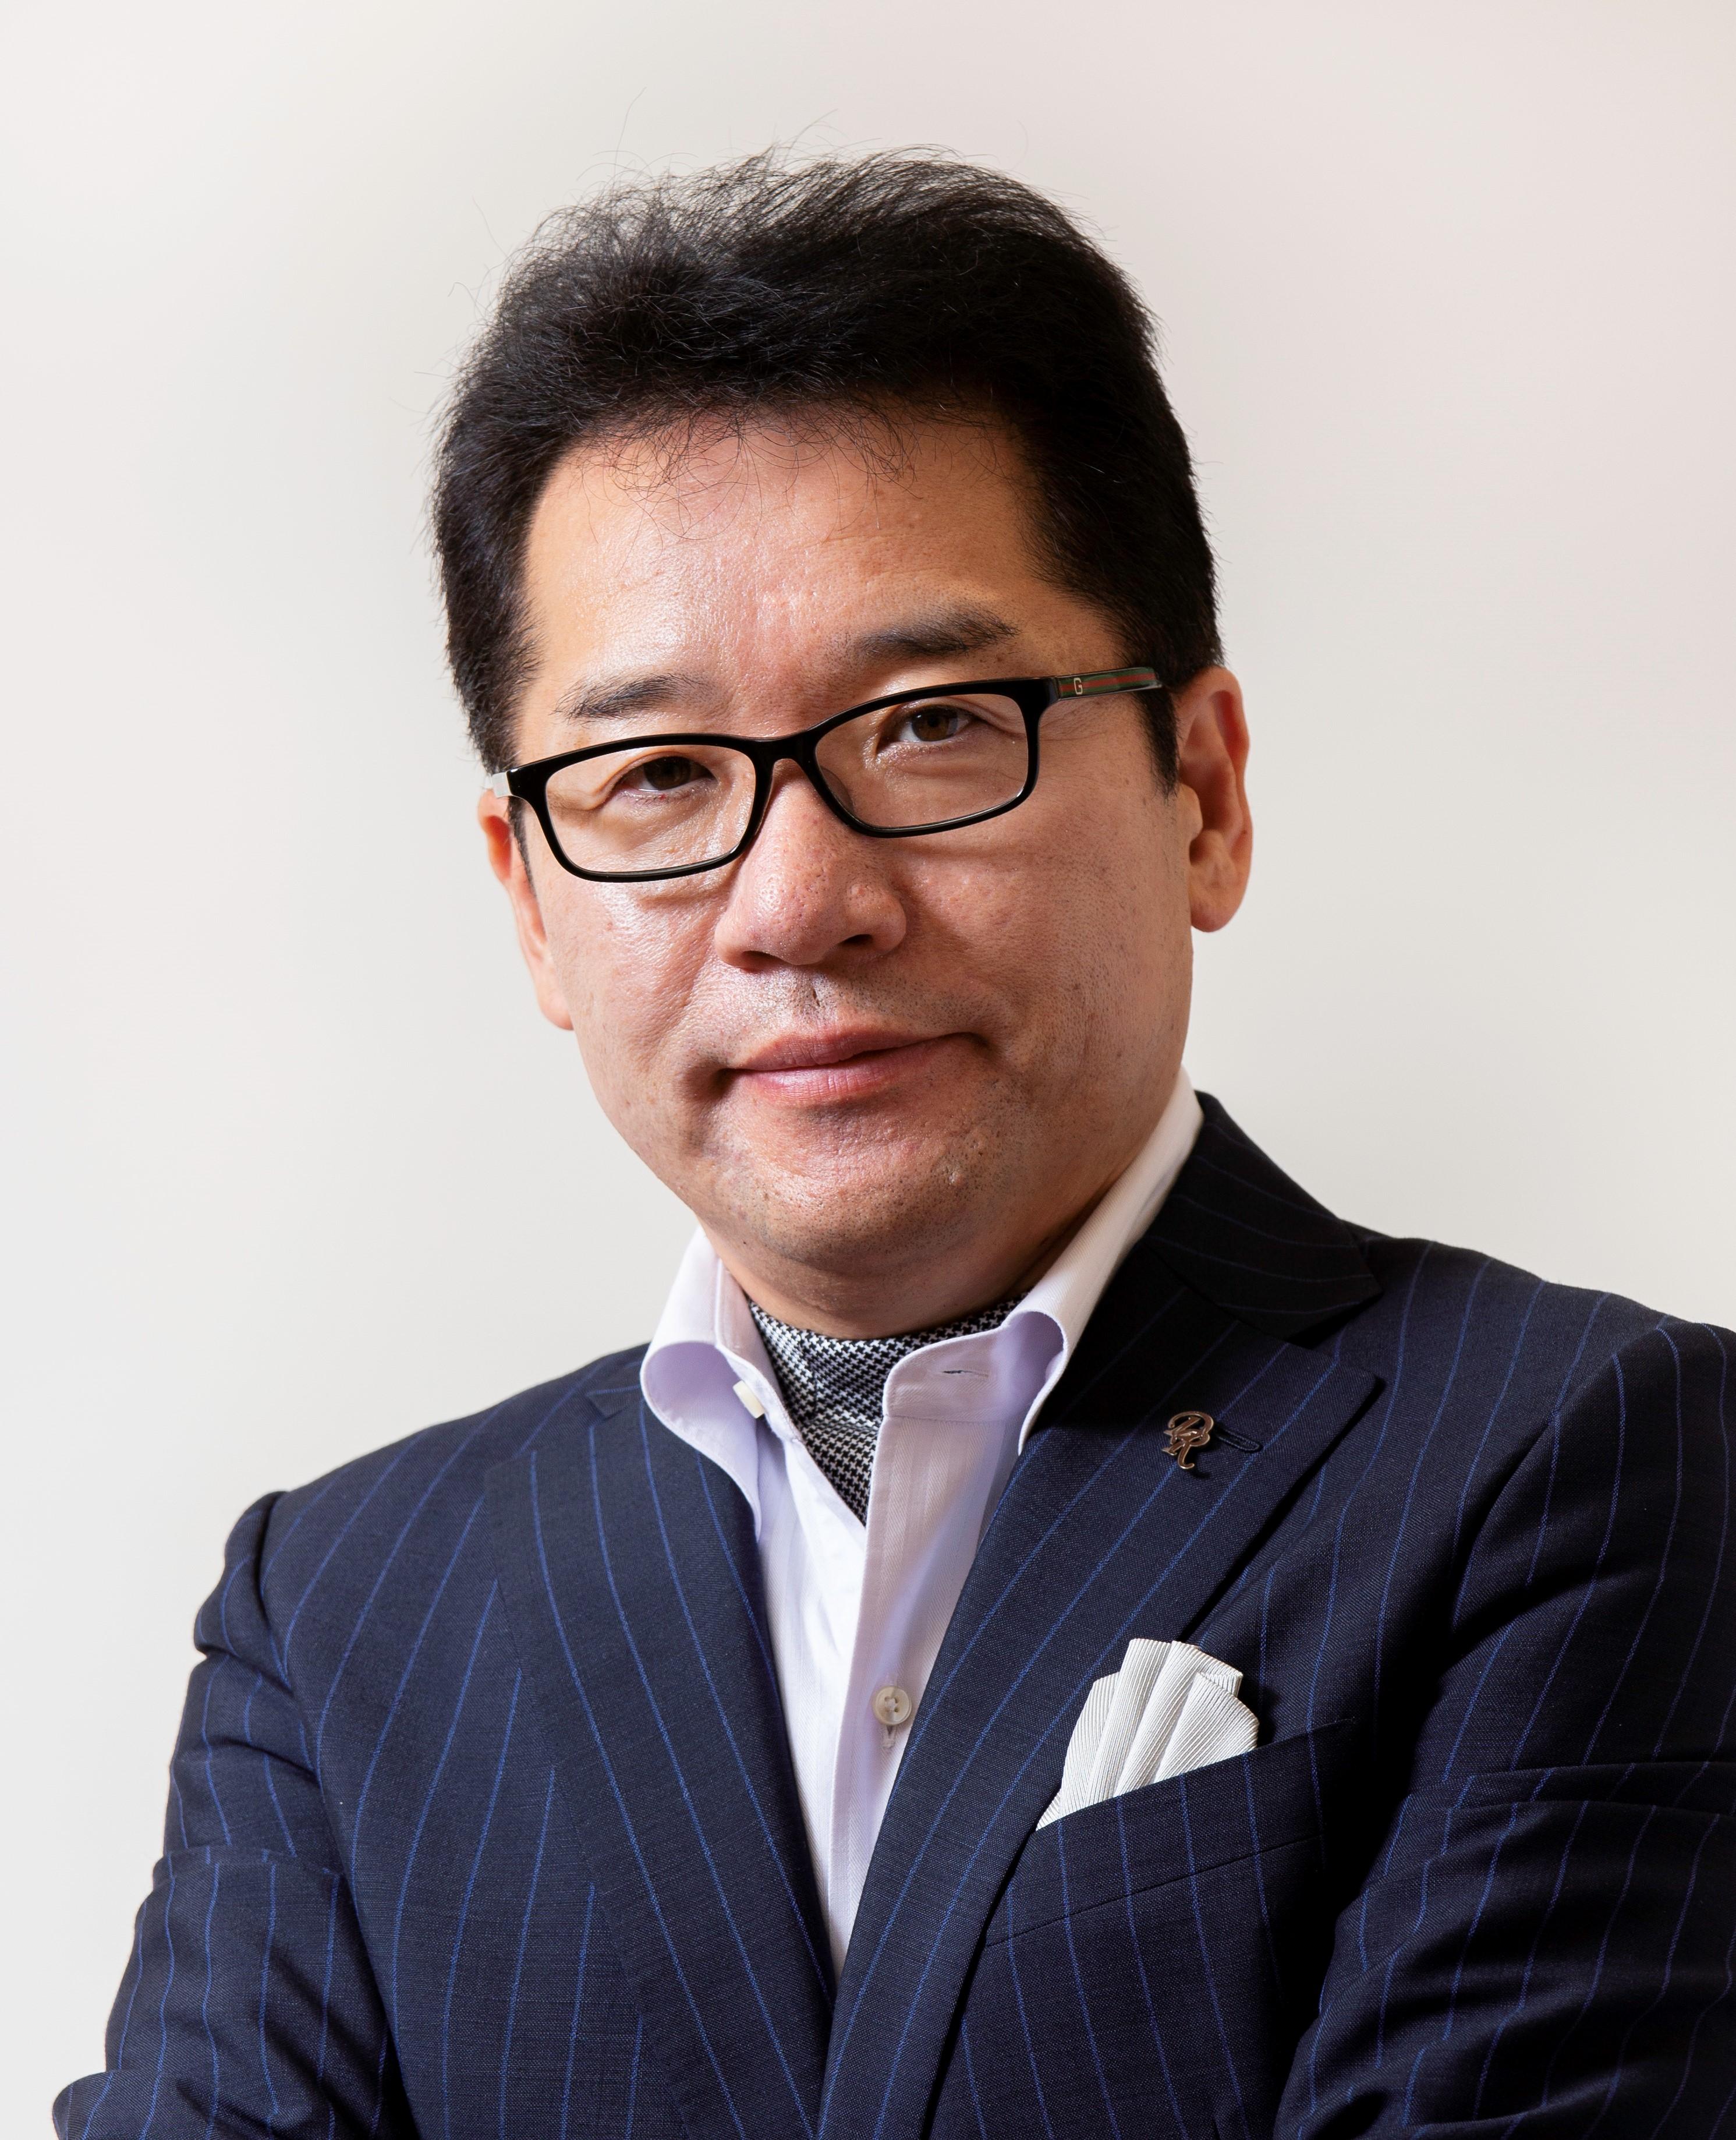 Tetsuya Okusako